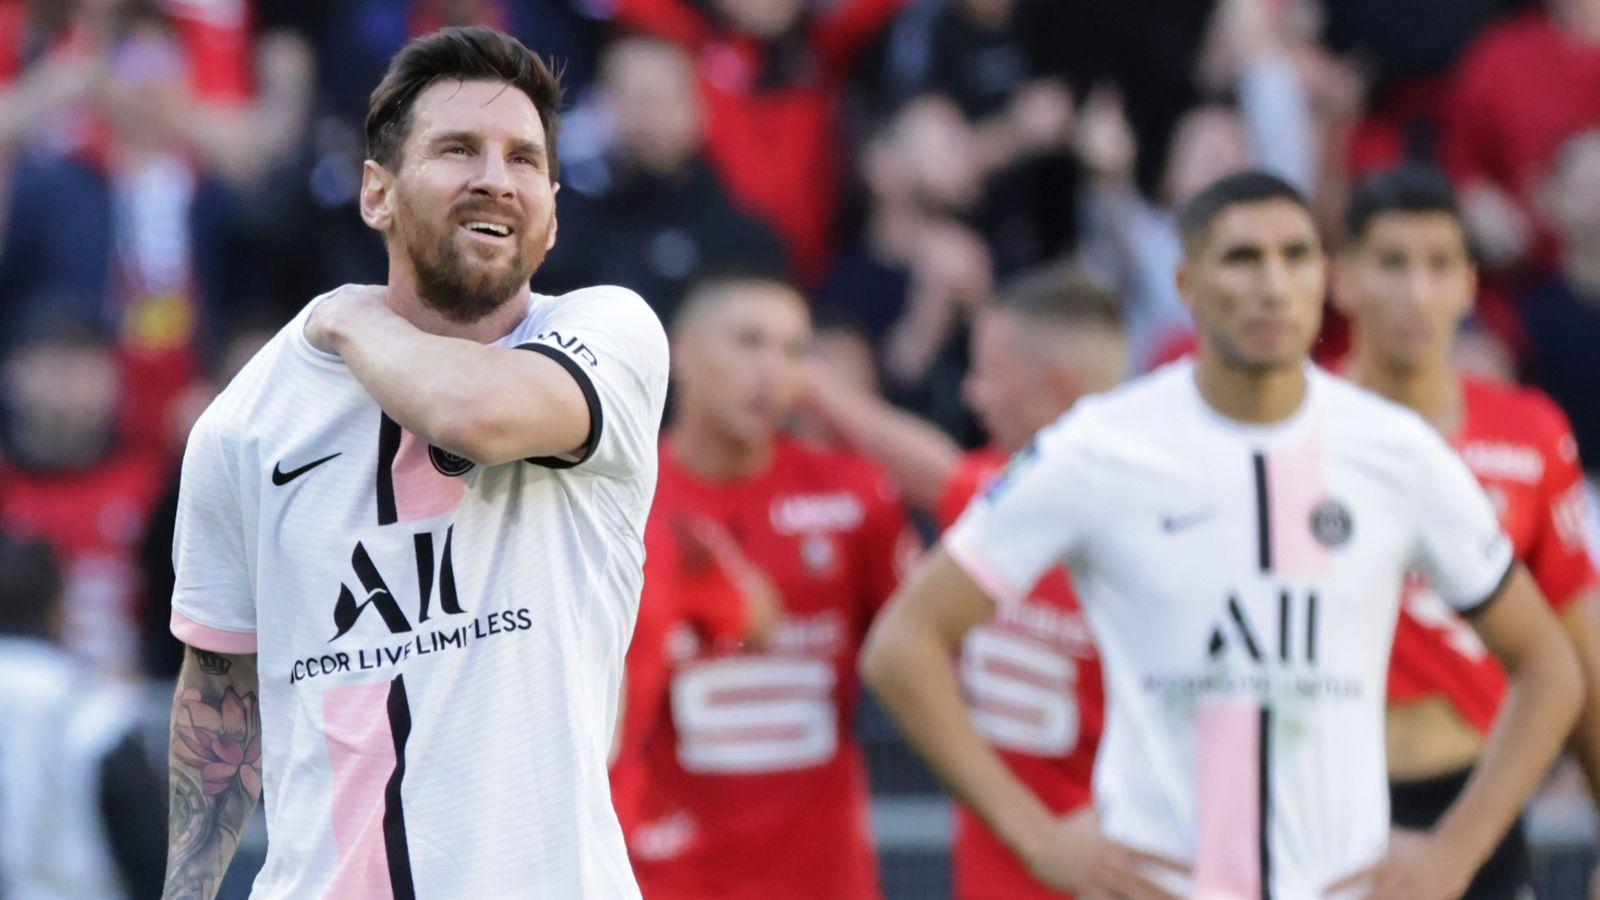 Rezumat Ligue 1 etapa 9